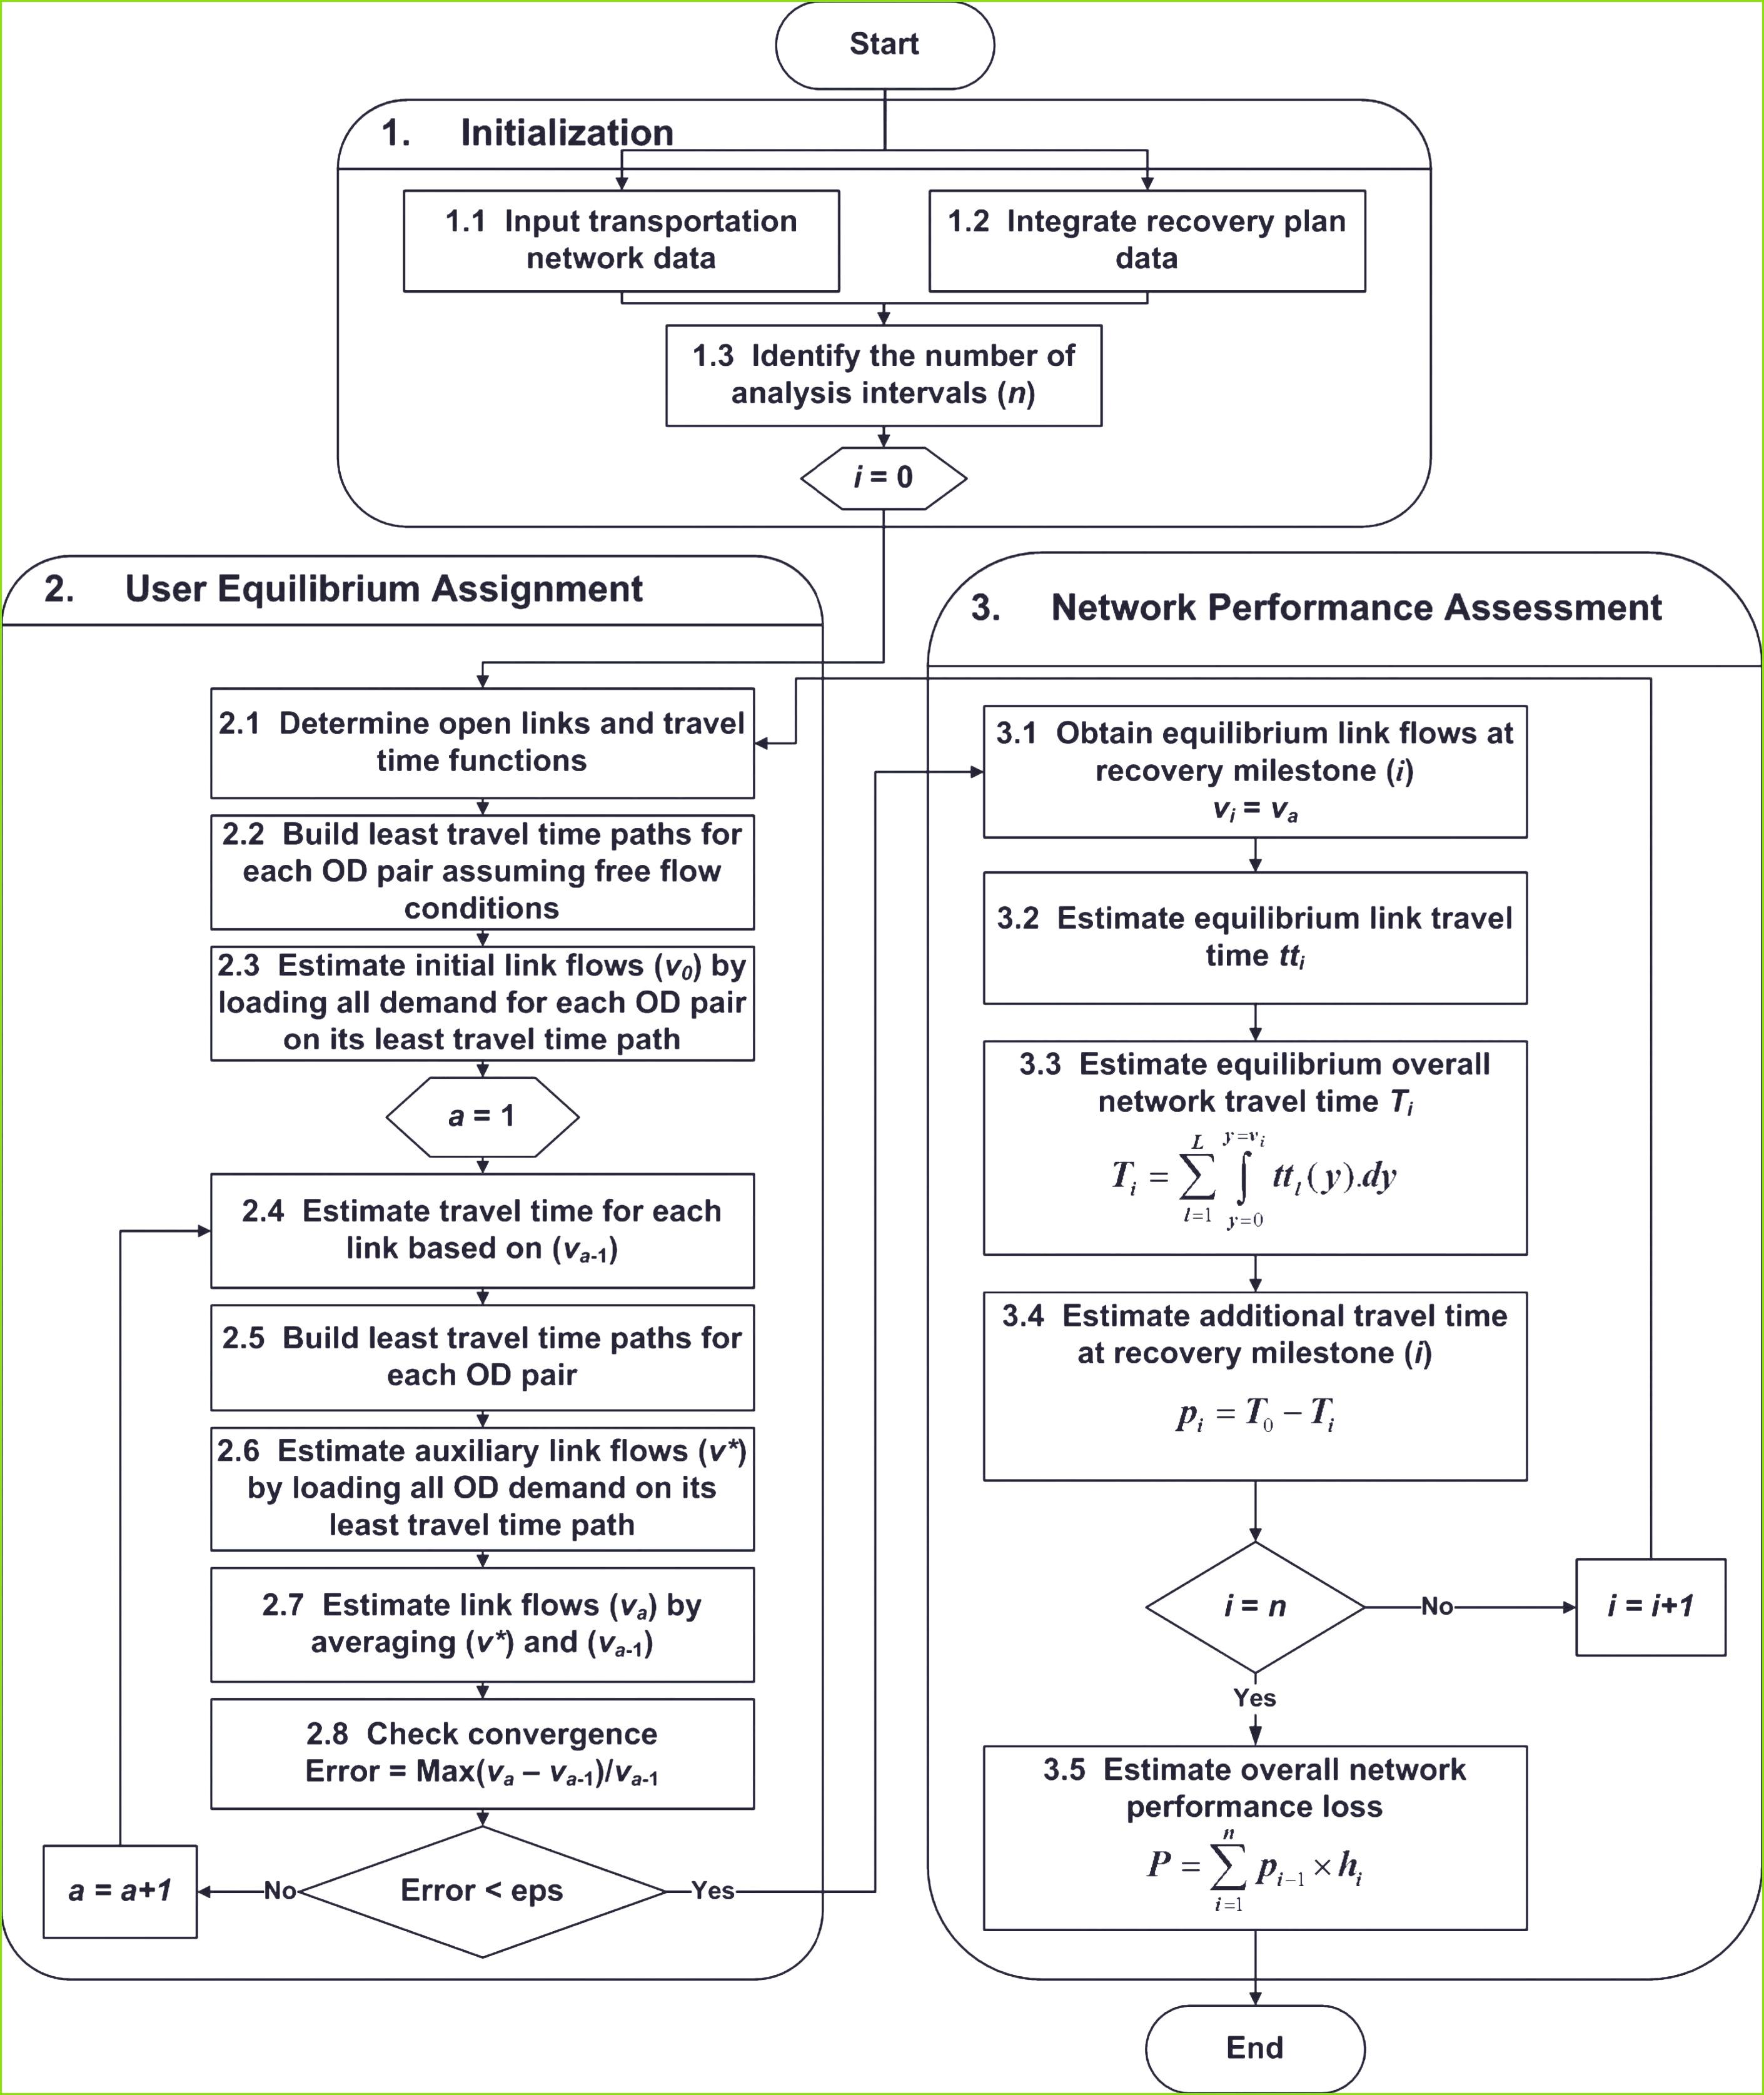 Zahlungserinnerung Vorlage Elegant Zweite Mahnung Muster Inspirierend Nebenkostenabrechnung Vorlage